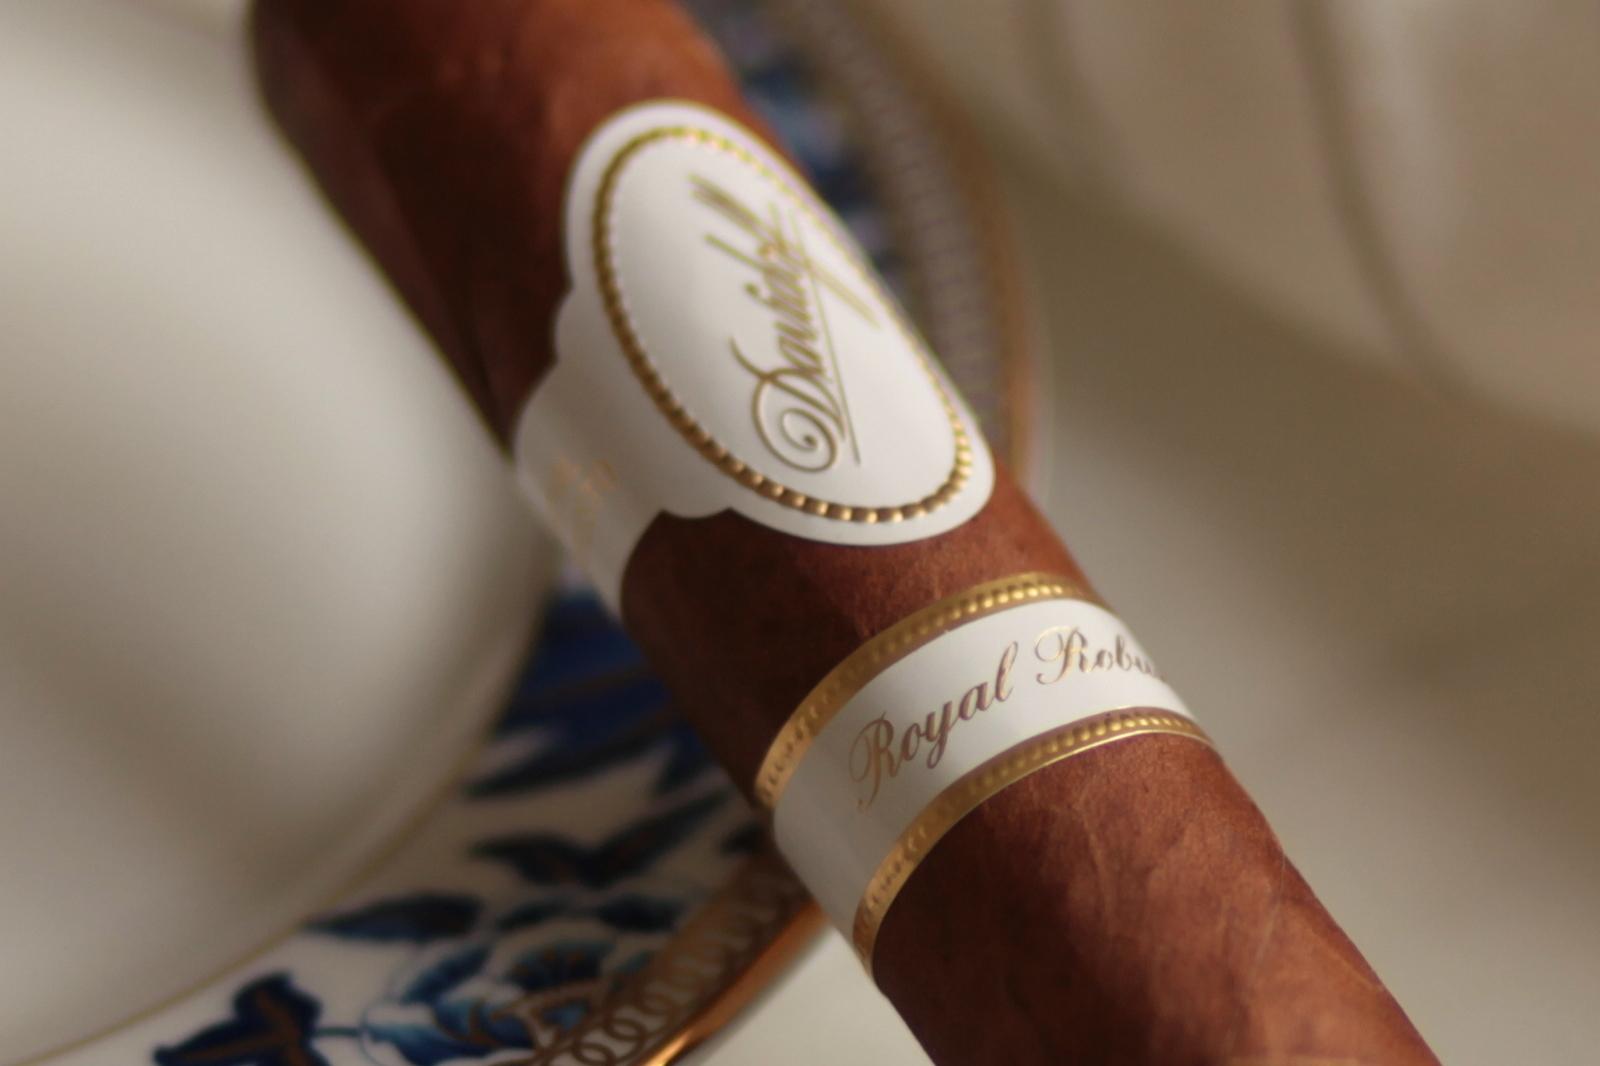 Davidoff Royal Robusto Closeup